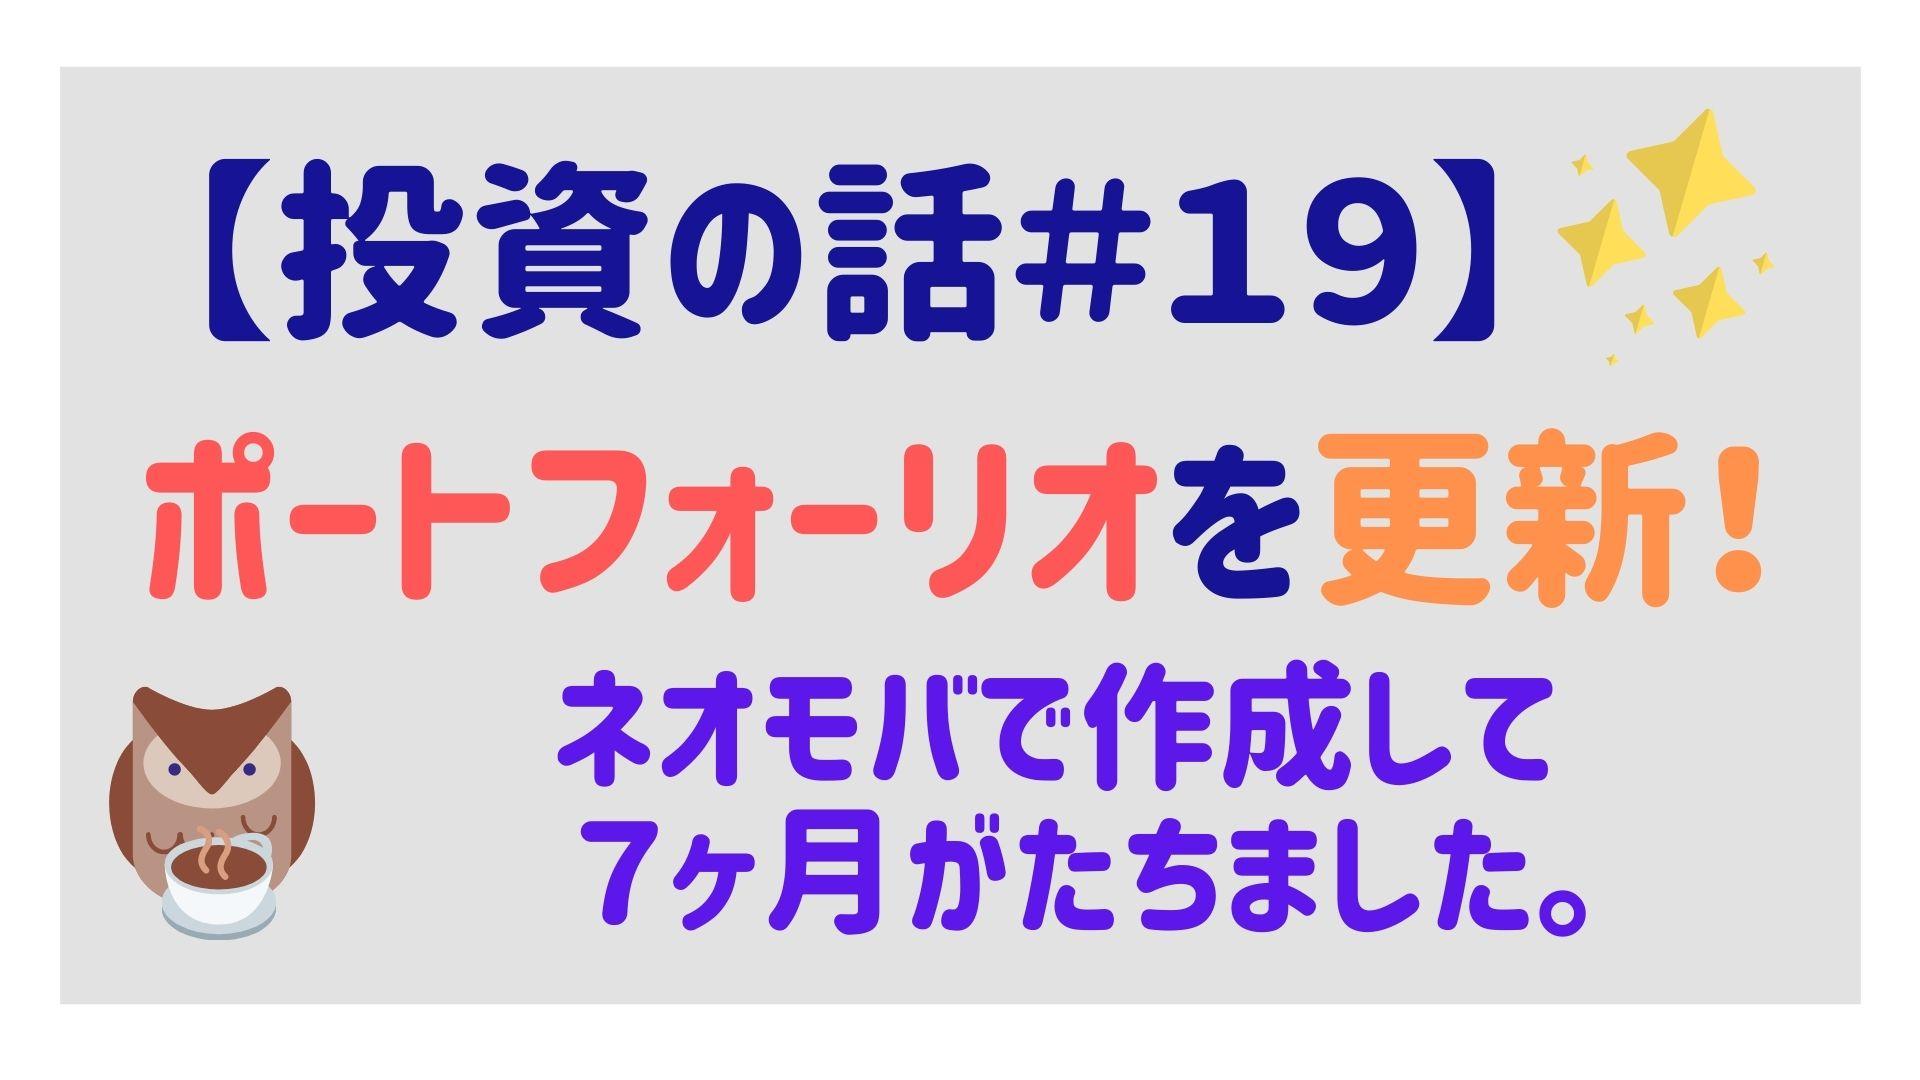 ネオモバのポートフォーリオ公開アプデ!【投資の話#19】